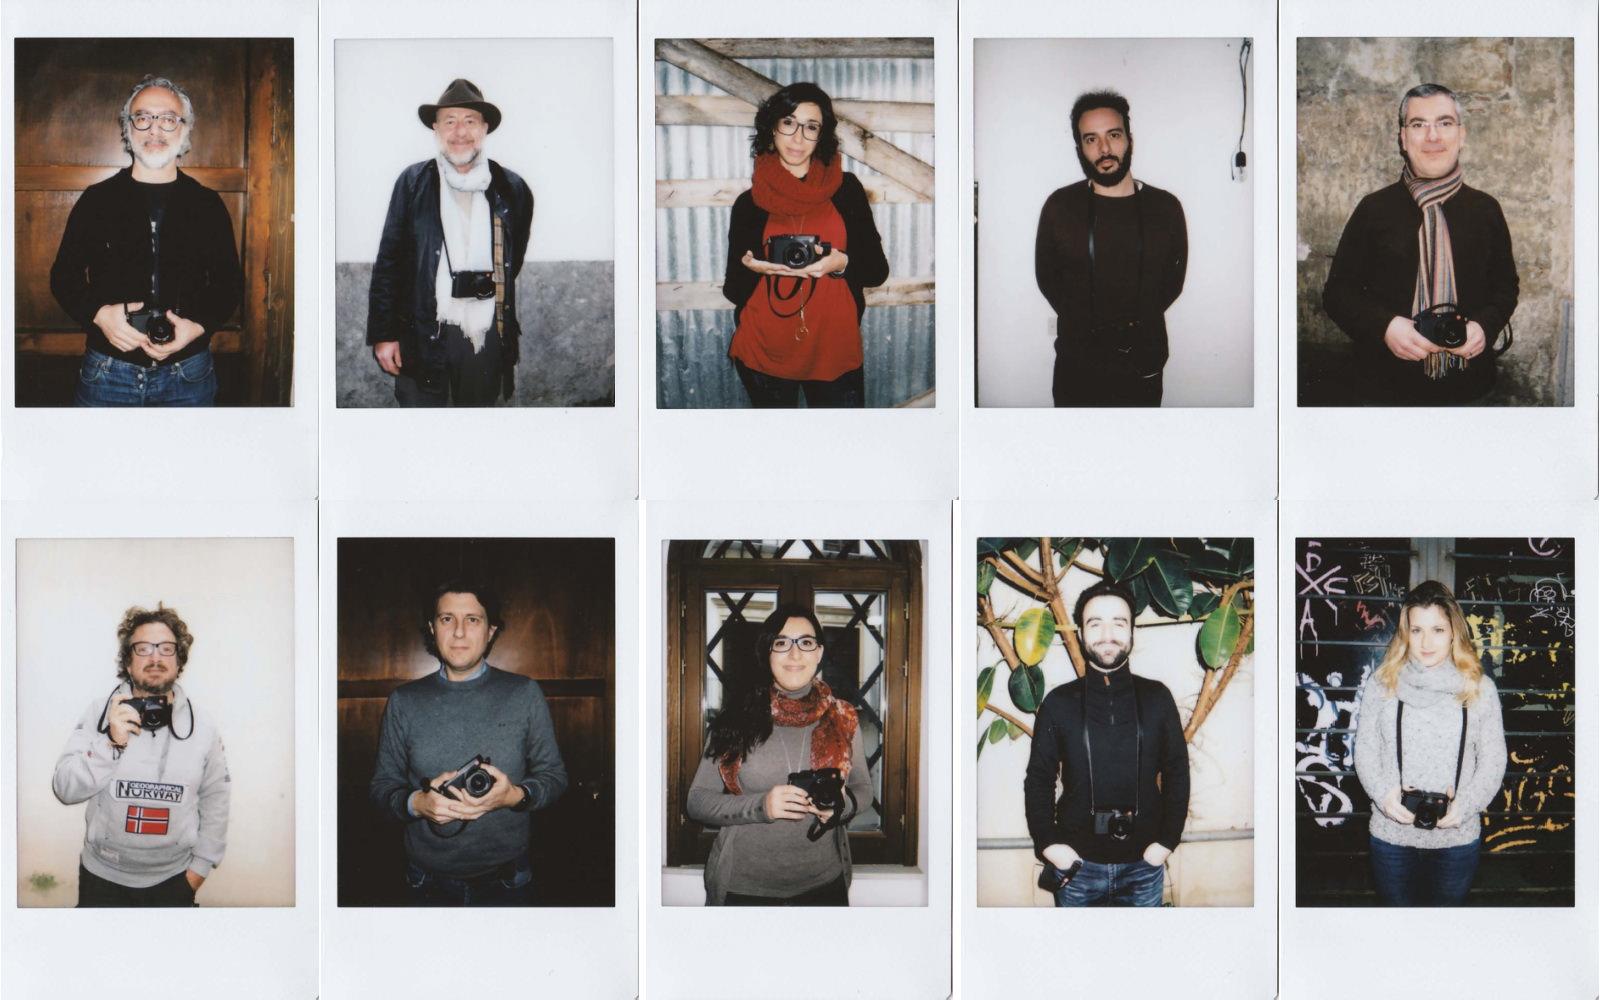 Our participants: Andrea Guarneri, Antonio Massara, Chiara Scattina, Fausto Brigantino, Gaspare Greco, Michele Cannavo, Piero Tranchida, Rosanna Moscato, Tony Filippone and Valerio Battaglia.